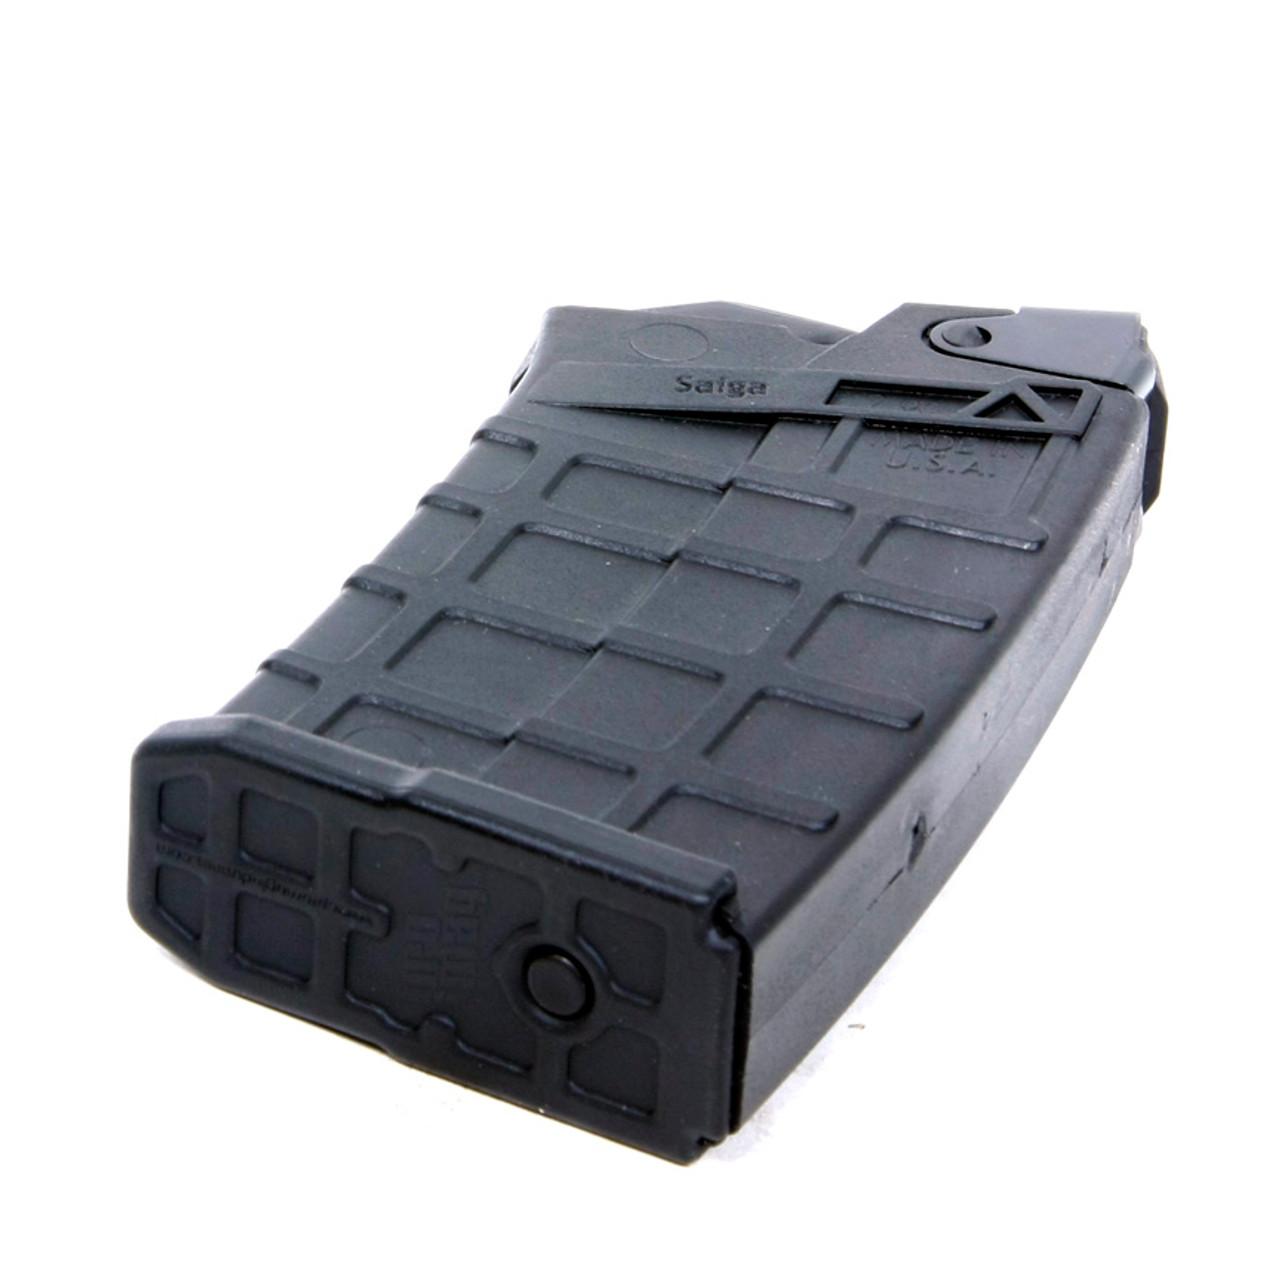 Saiga® 12 Gauge (5) Rd - Black Polymer